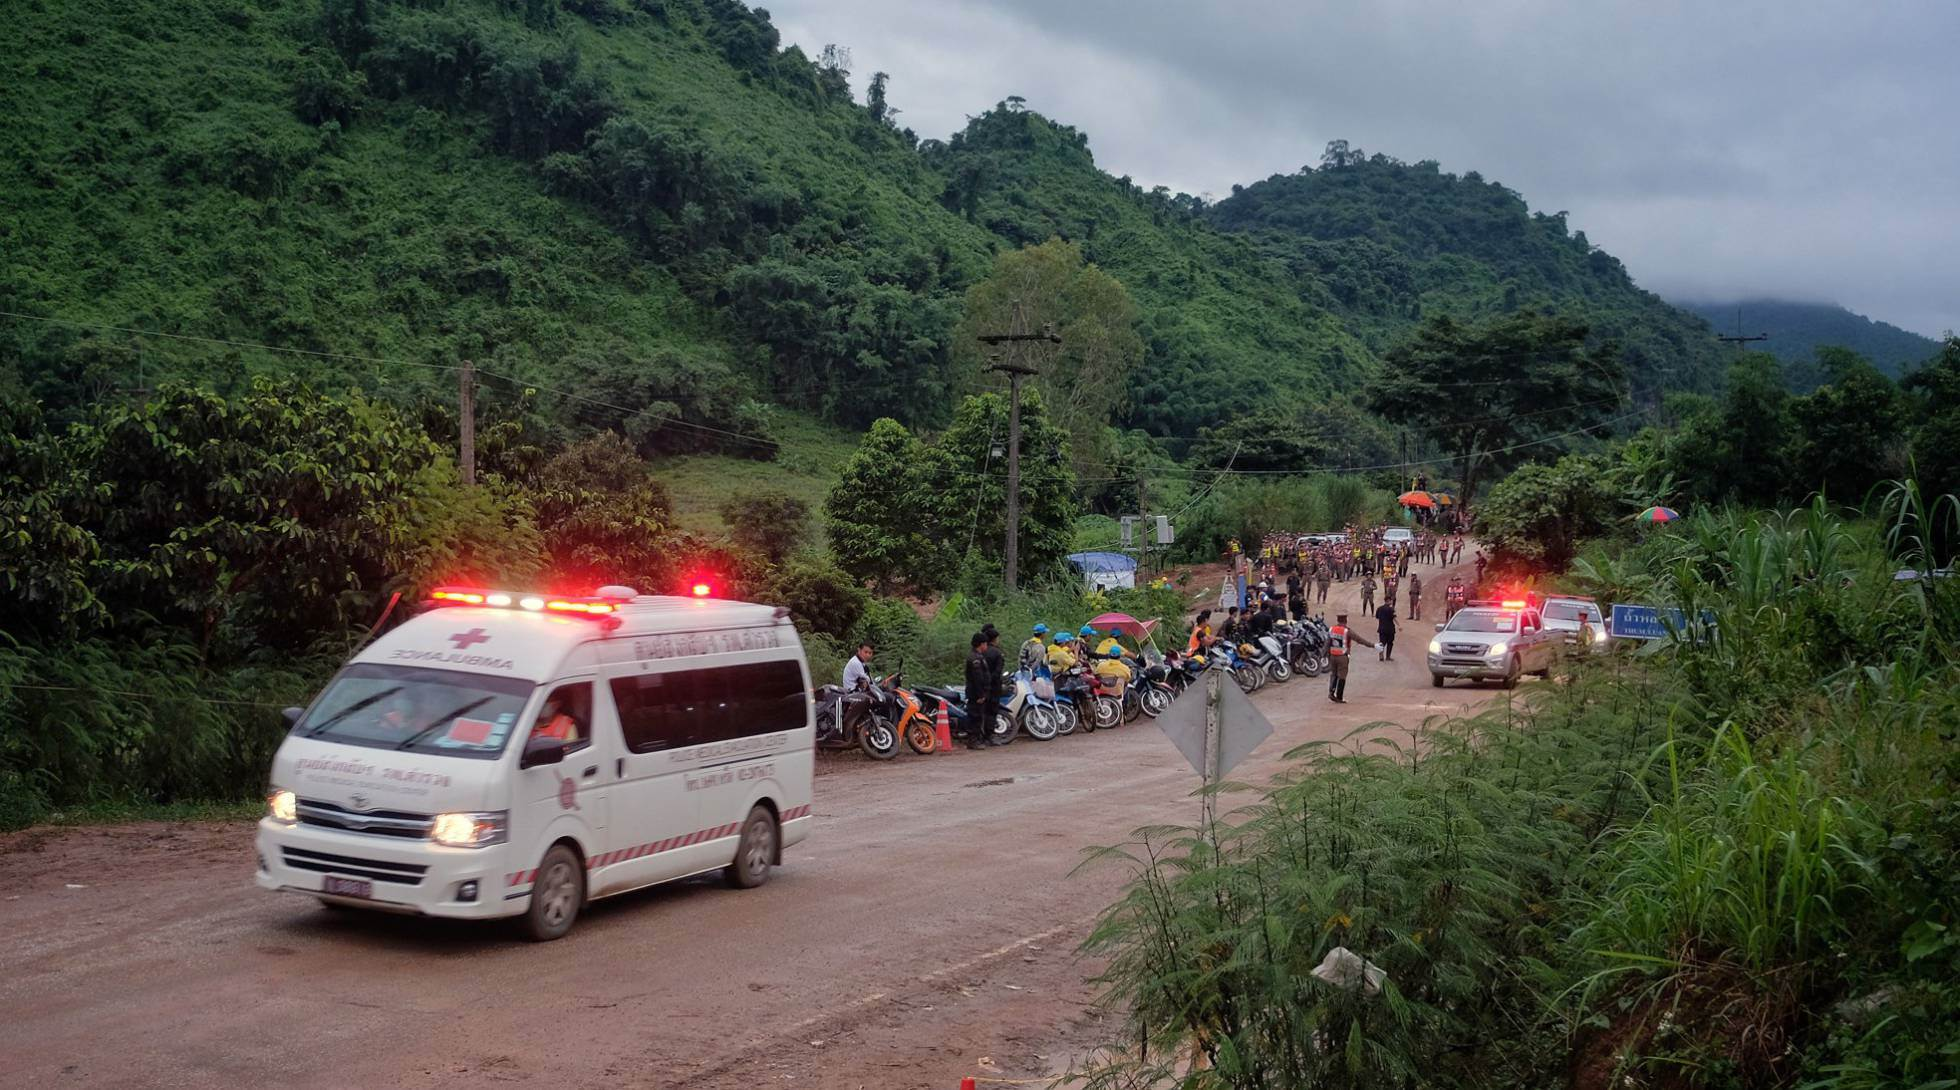 Una ambulancia traslada a alguno de los niños al hospital tras ser rescatados, el 8 de julio de 2018.